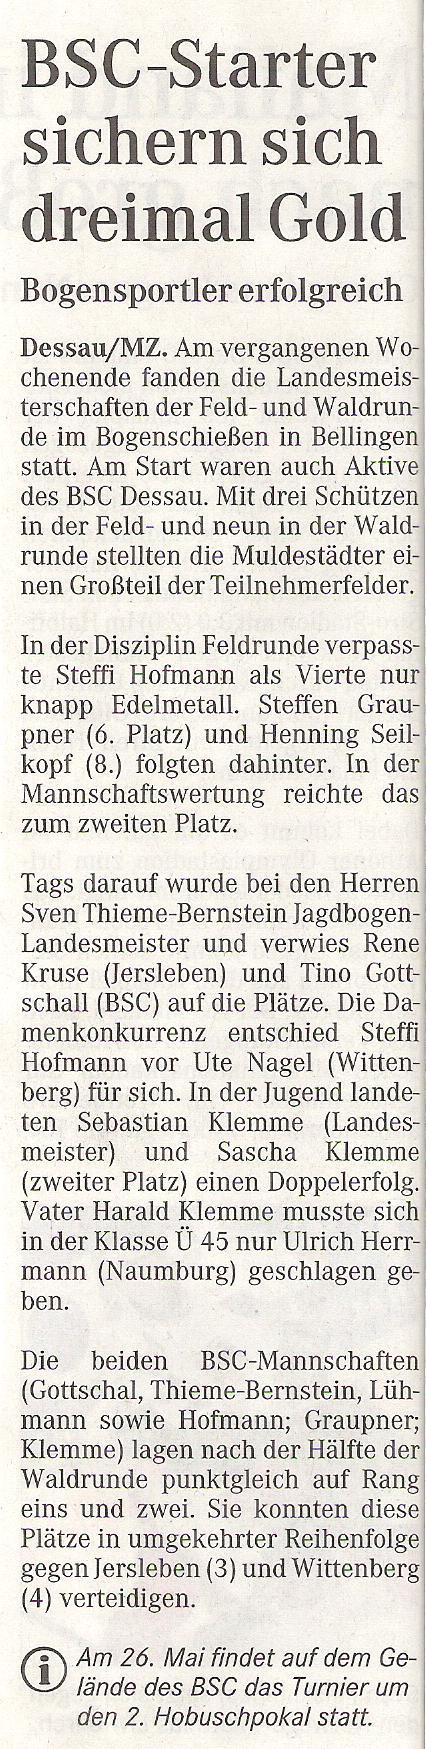 FeldWaldLM Feld- und Waldrunde – Mitteldeutsche Zeitung vom MZ v. 02.05.2007